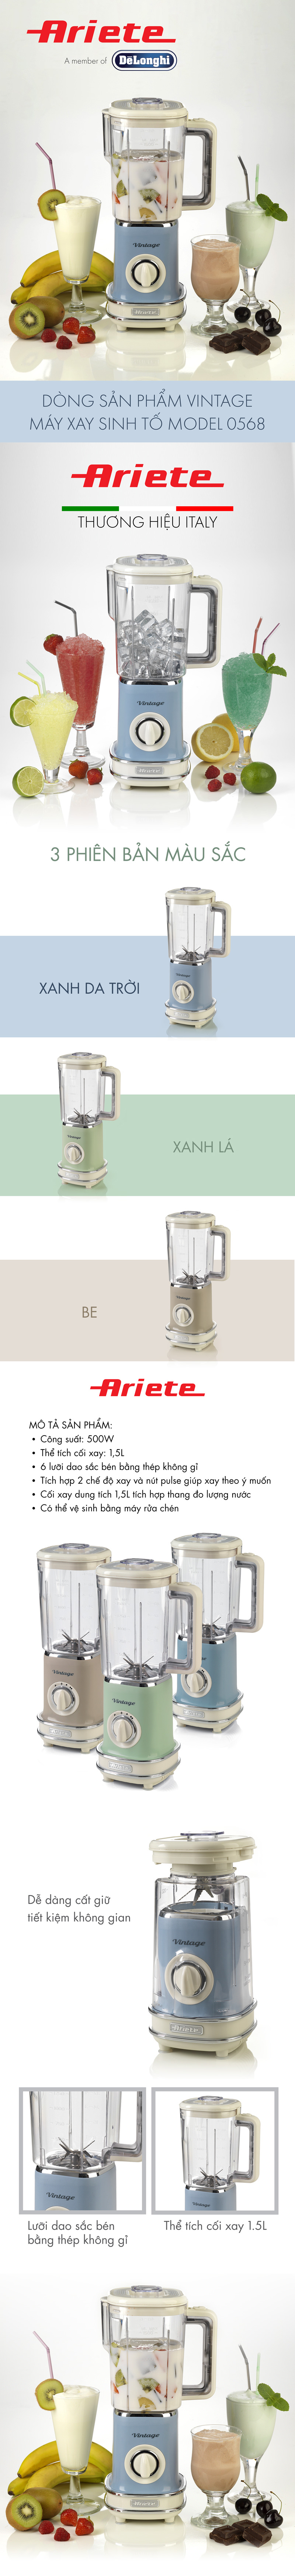 Máy Xay Sinh Tố Ariete MOD 0568/05 (1.5 lít) - Hàng chính hãng